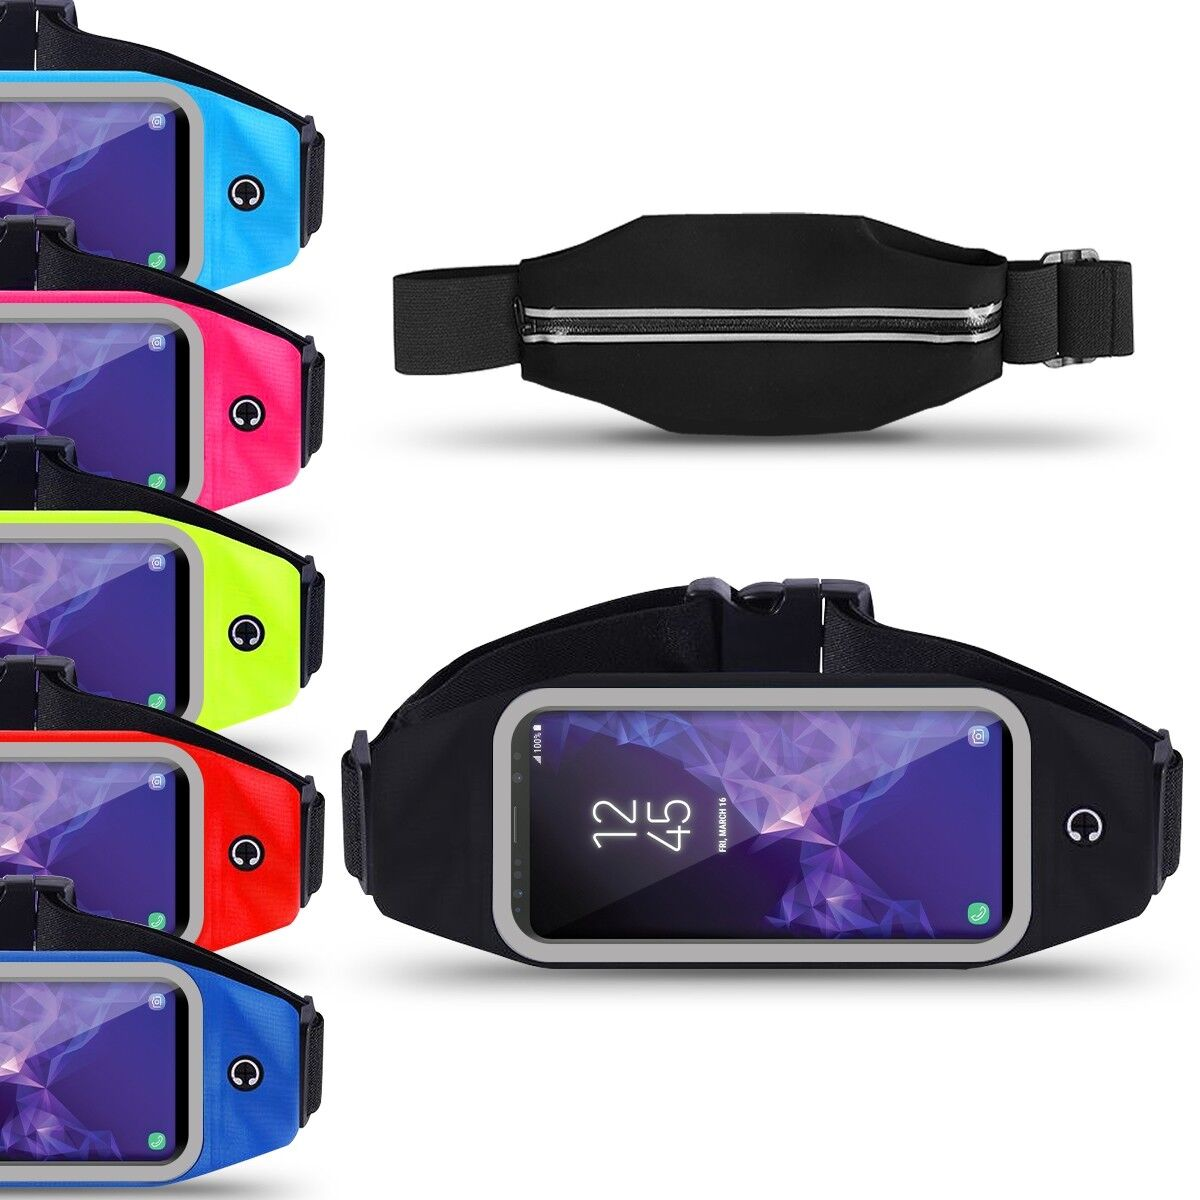 Lauftasche Gürteltasche Samsung Galaxy S9 Plus Bauchtasche Handy Hülle Jogging